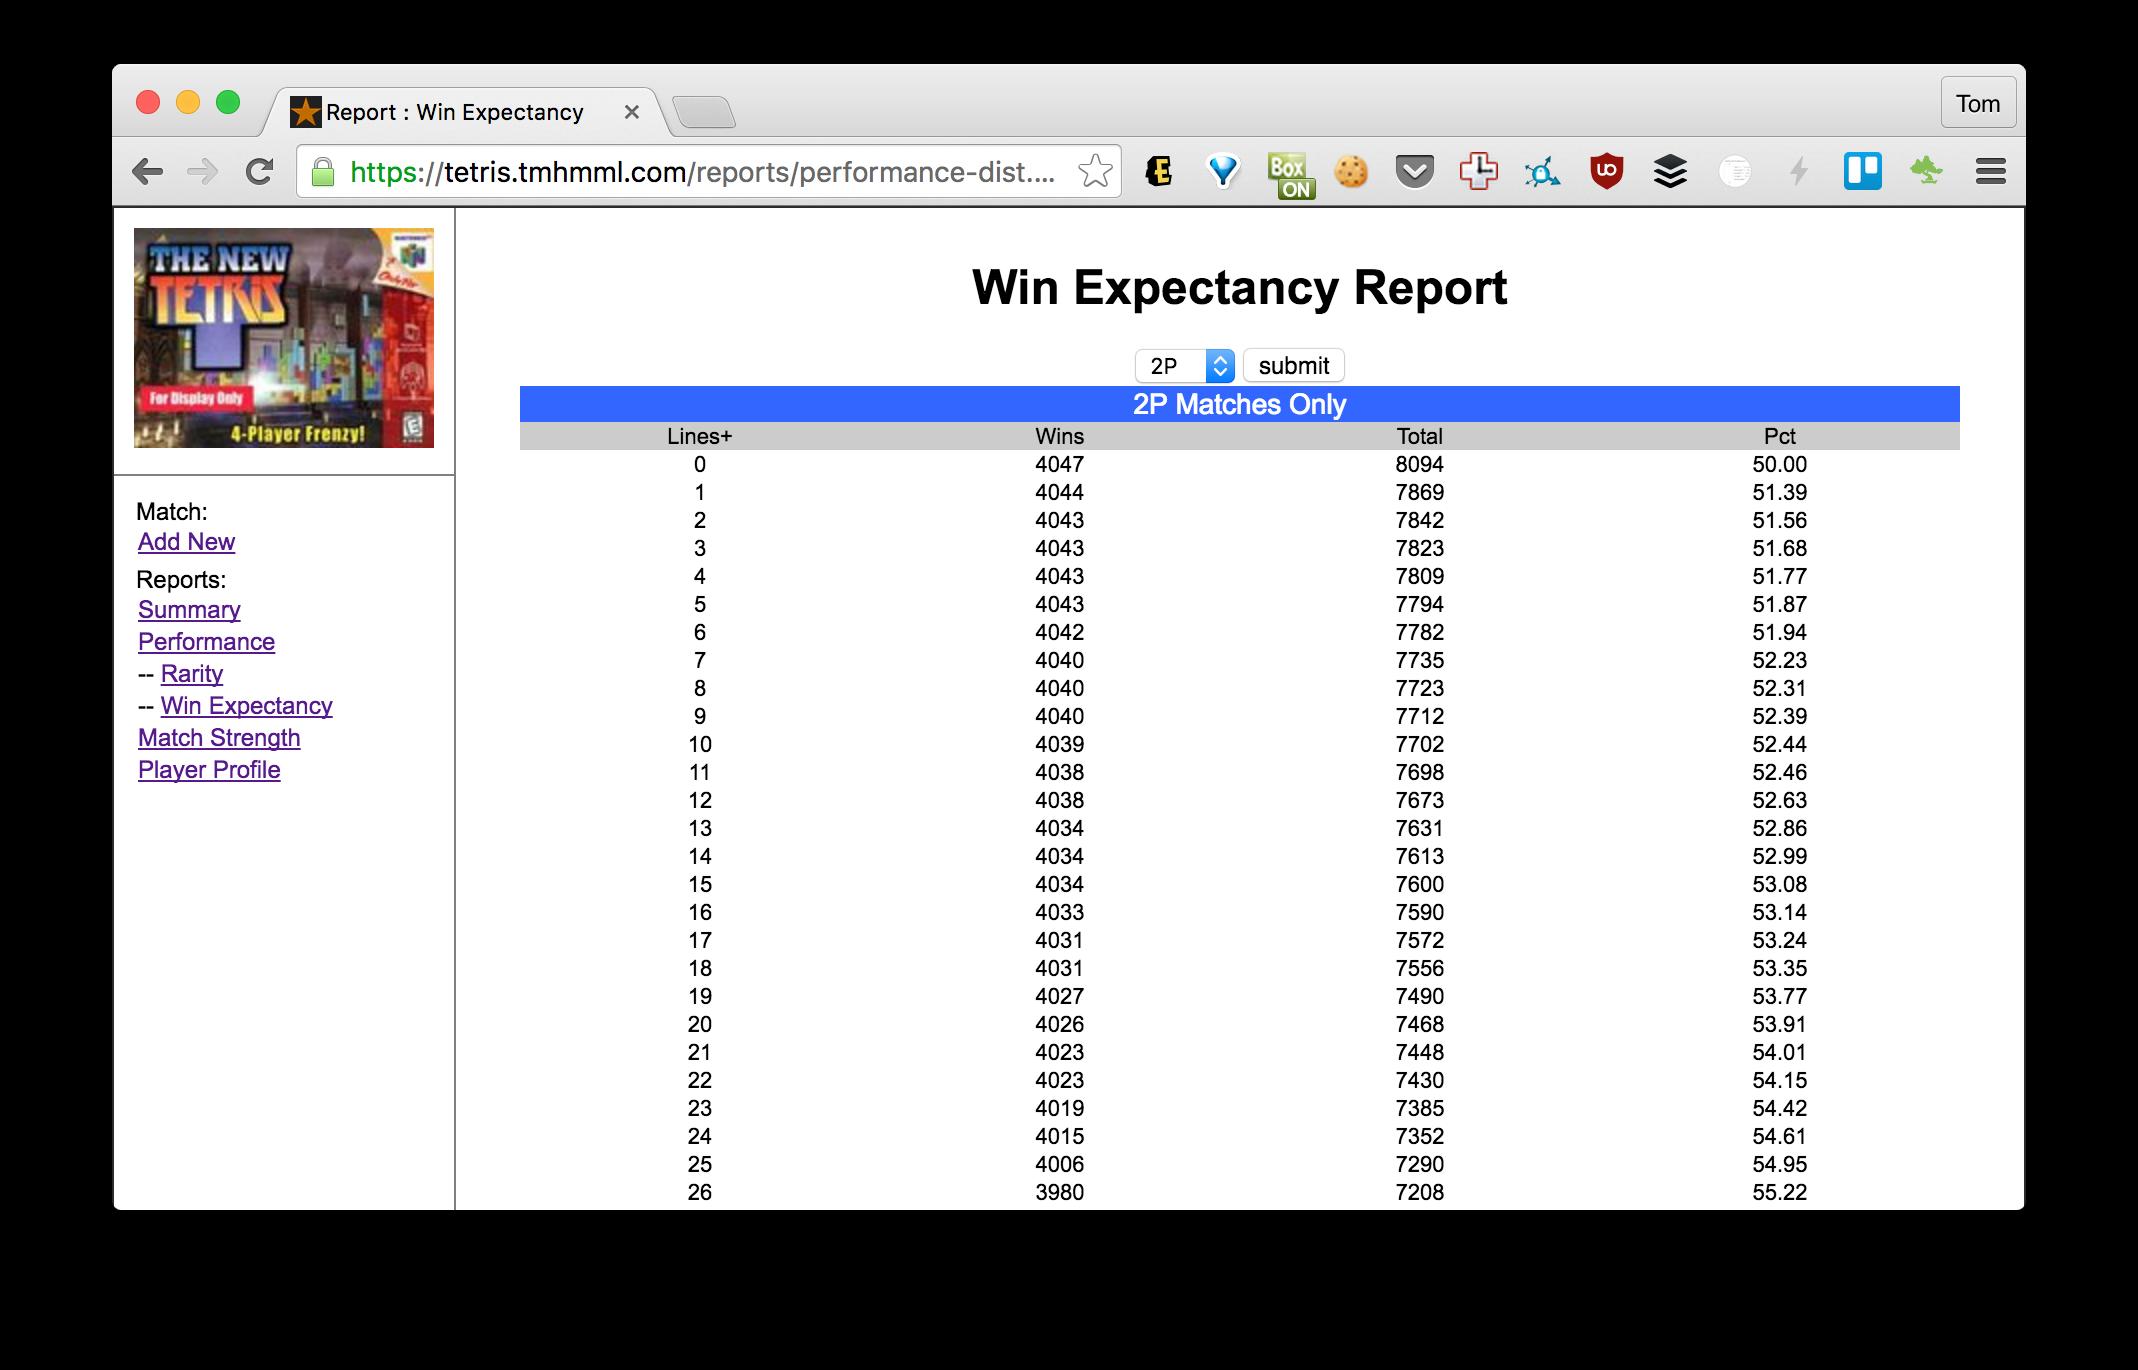 Win Expectancy Report